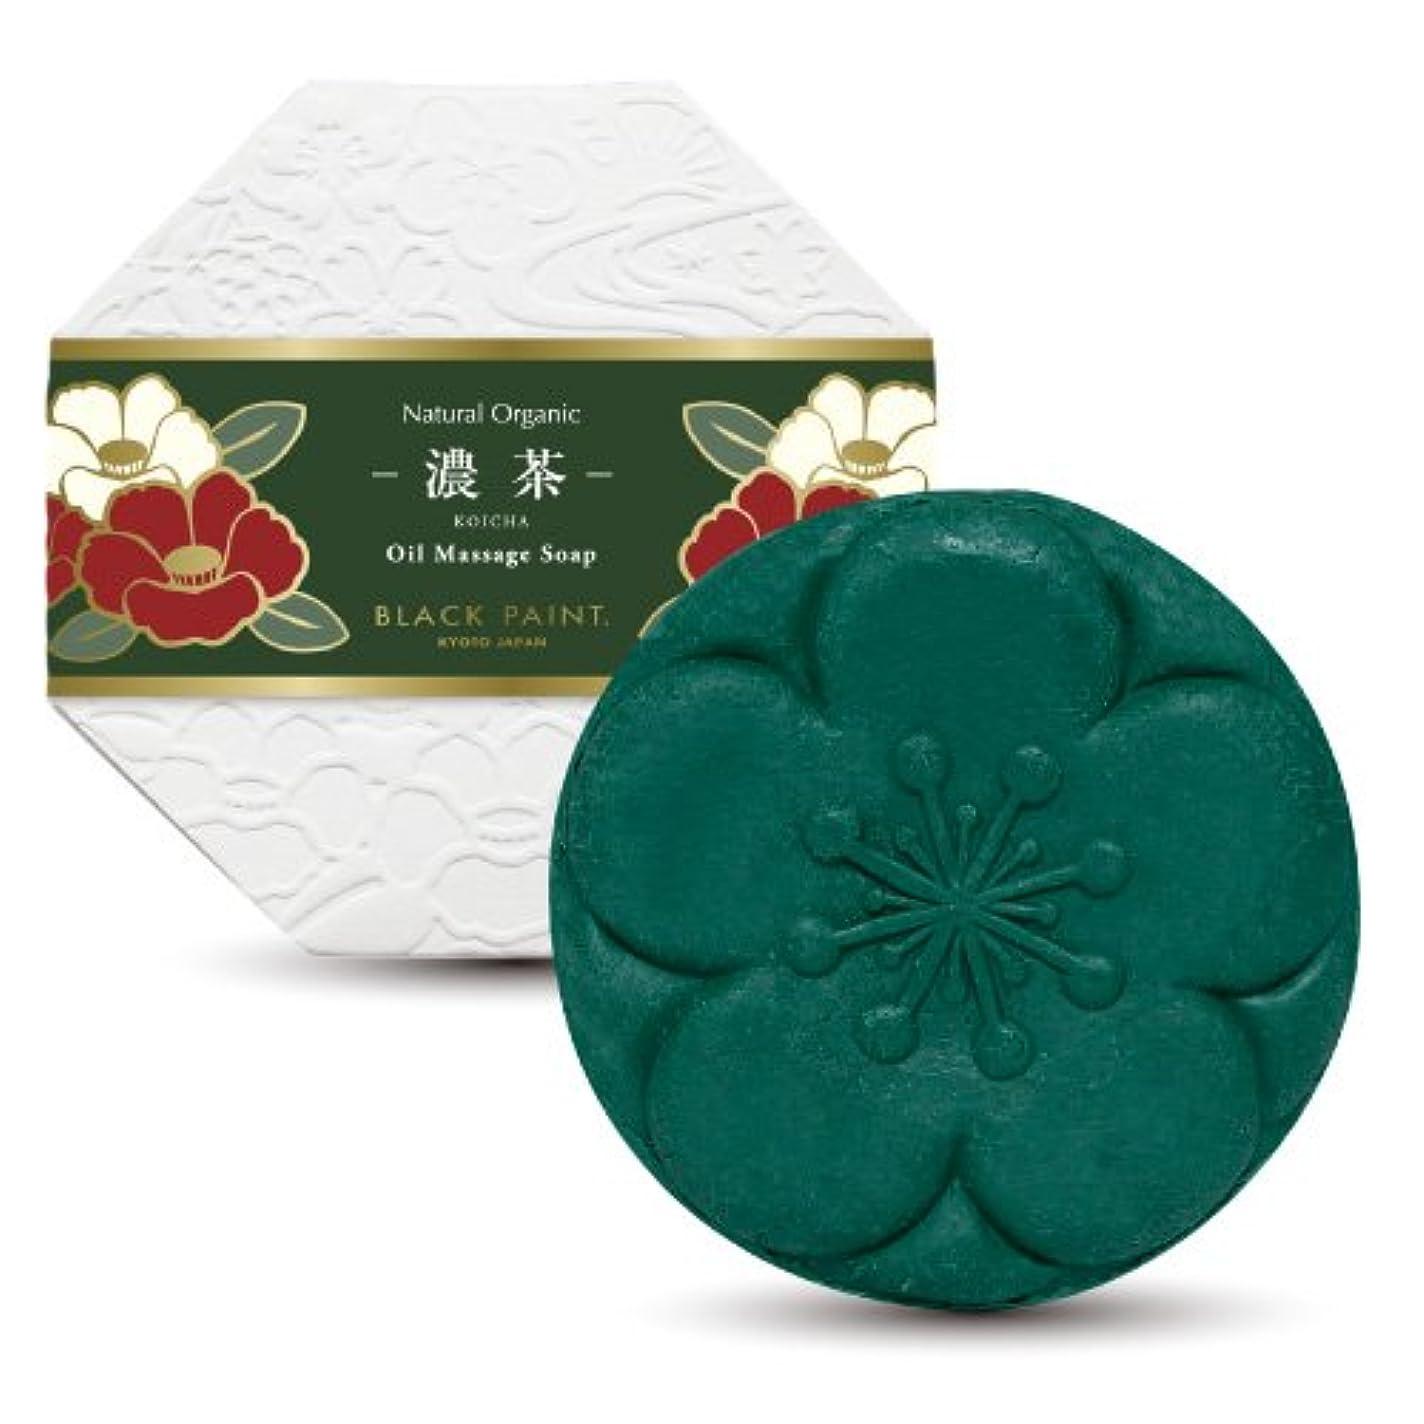 ルーキーセッション寝てる京のお茶石鹸 濃茶 120g 塗る石鹸